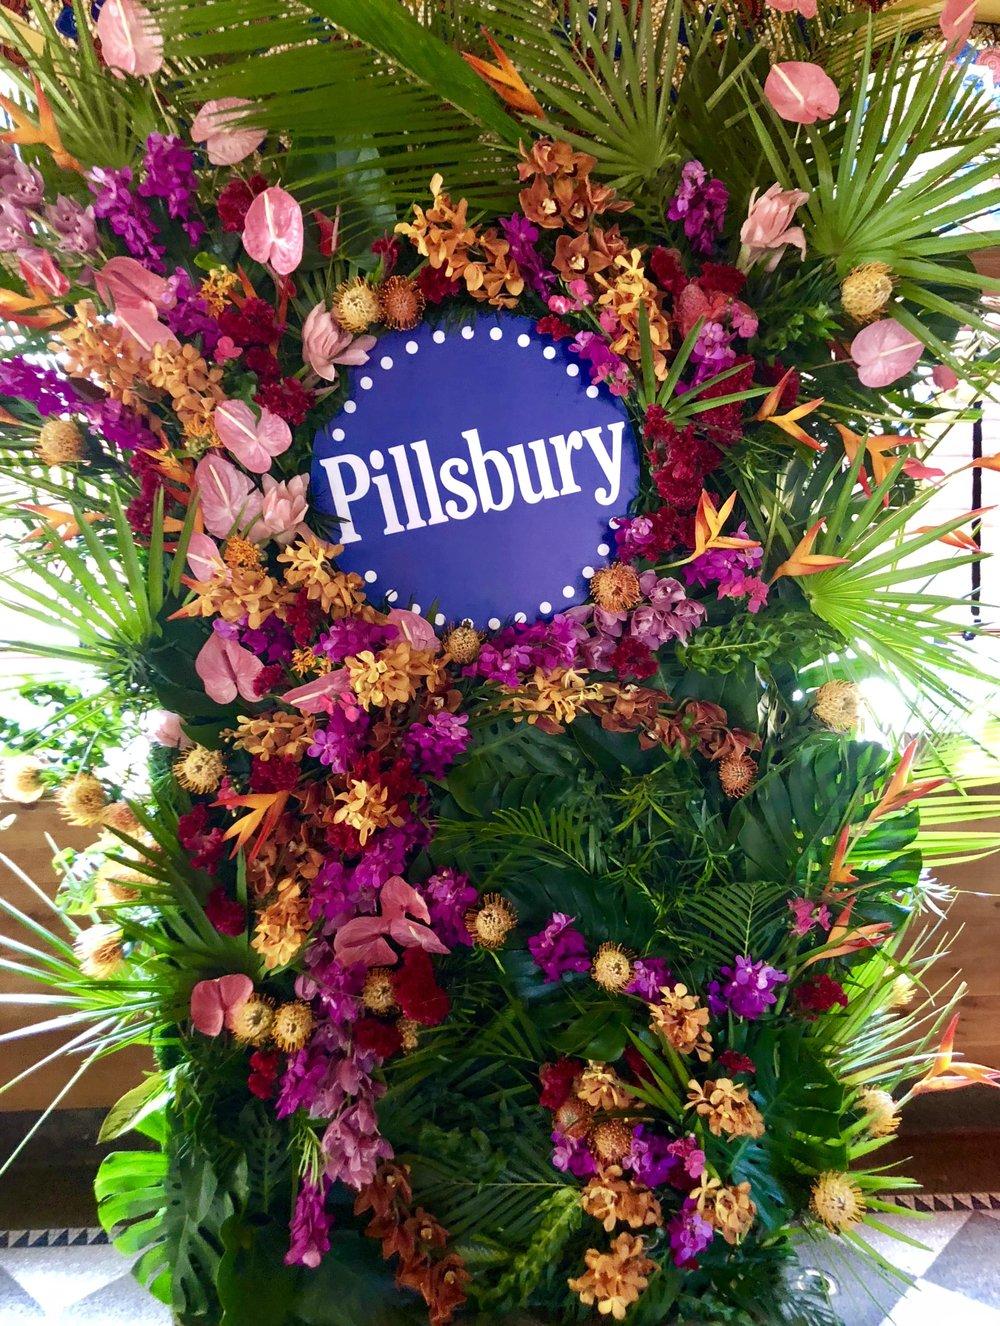 Pillsbury Flower Wall- B Floral